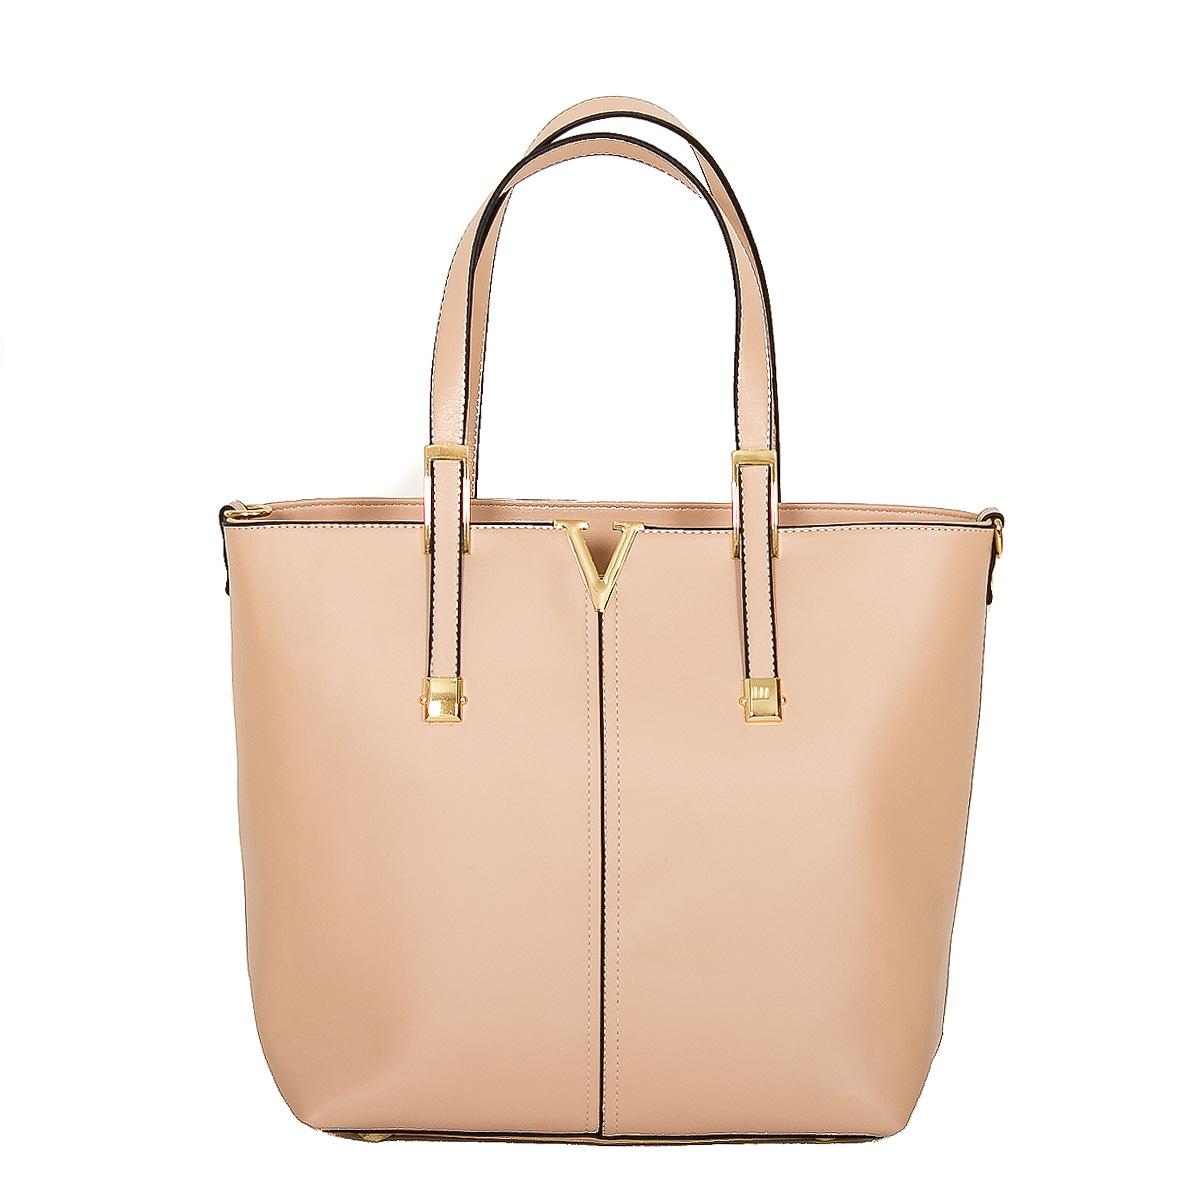 Сумка женская Farfalla Rosso, цвет: светло-розовый. 70008-306/2470008-306/24Изысканная женская сумка Farfalla Rosso выполнена из искусственной кожи. Сумка закрывается на застежку-молнию. Внутри - одно отделение, разделенное карманом-средником на застежке-молнии, также есть втачной карман на застежке-молнии, два накладных кармашка для мелочей и телефона. Задняя сторона дополнена плоским врезным карманом на застежке-молнии. Две ручки сумки крепятся на металлическую фурнитуру. Дно сумки защищено металлическими ножками, обеспечивающими дополнительную устойчивость. В комплекте плечевой отстегивающийся ремень и чехол для хранения. Блестящий дизайн сумки, сочетающий классические формы с оригинальным оформлением, позволит вам подчеркнуть свою индивидуальность и сделает ваш образ изысканным и завершенным.